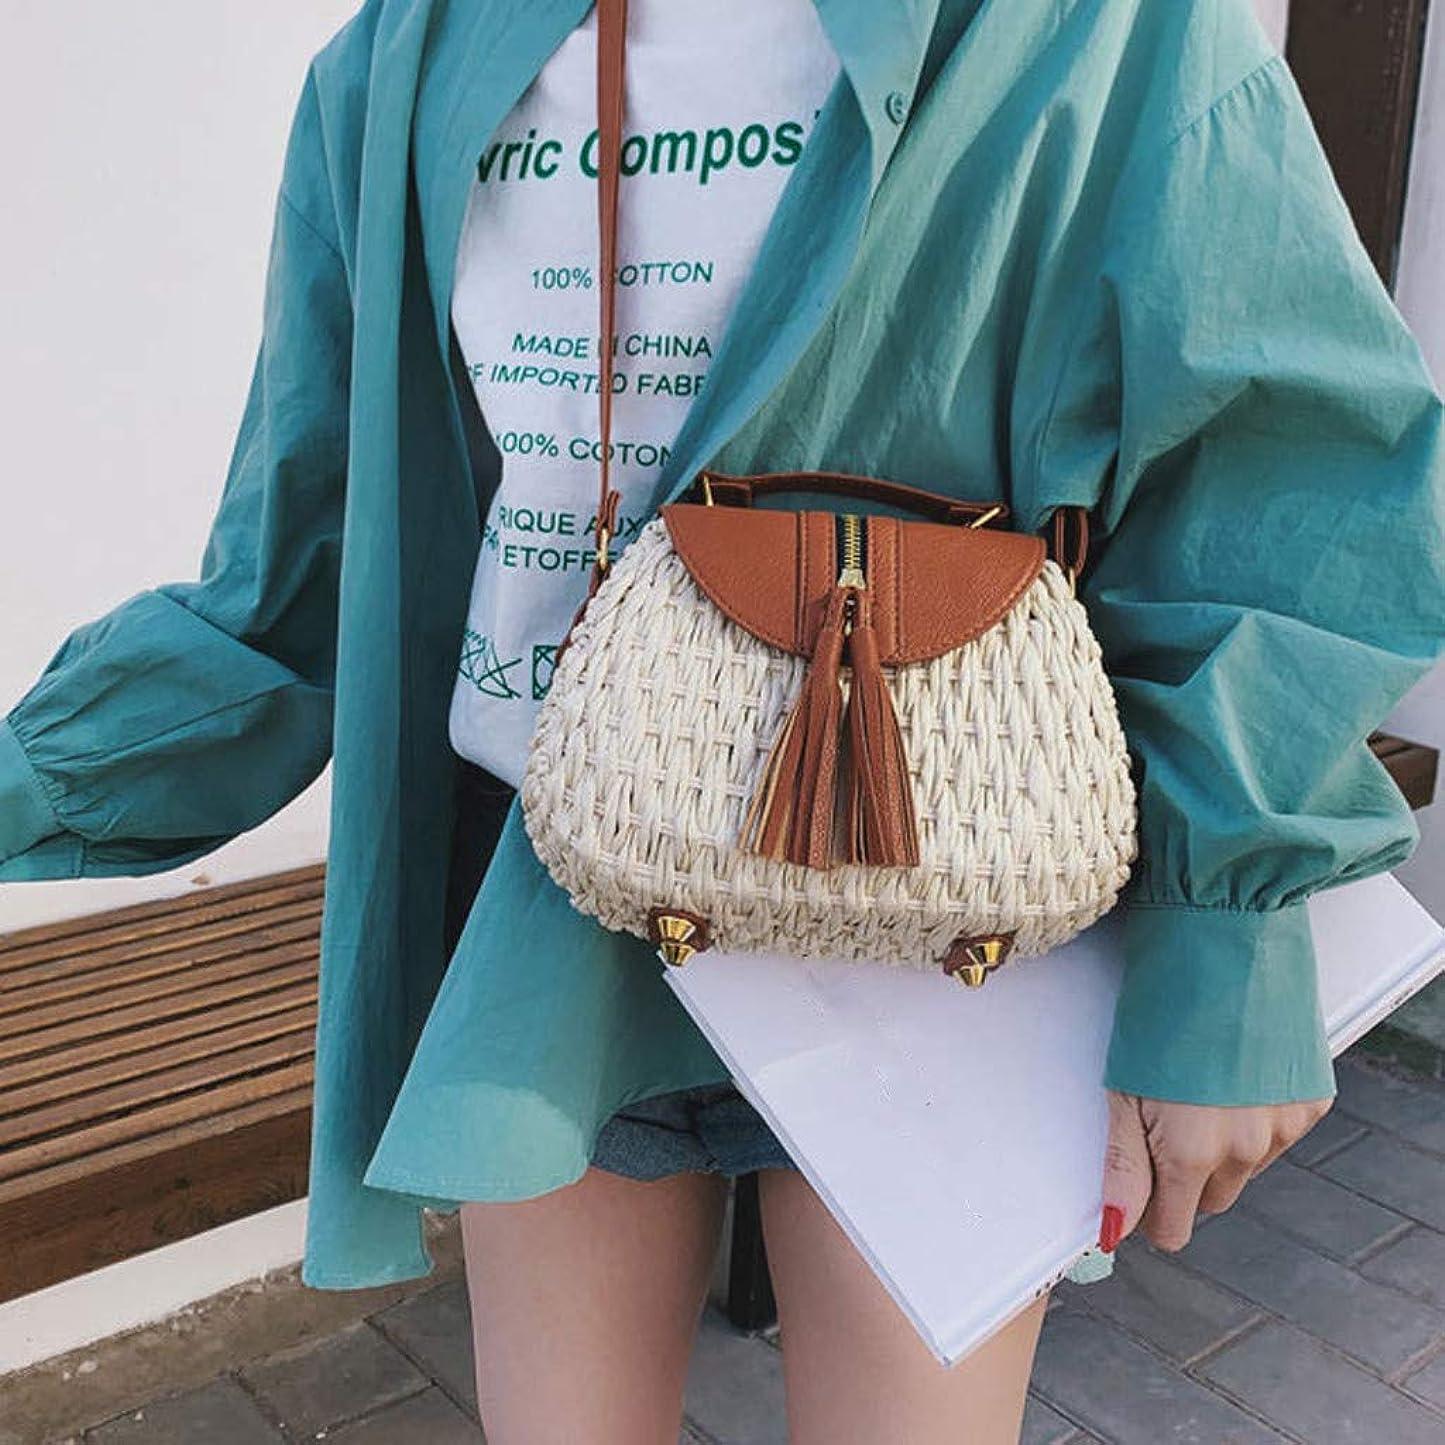 放牧する心臓遅れ女性の流行のタッセルはショルダー?バッグ、女性浜の余暇のクロスボディ袋を織ります、女性のタッセルは浜様式のメッセンジャー袋を織ります、女性方法対照色のビーチ様式のメッセンジャー袋 (ベージュ)